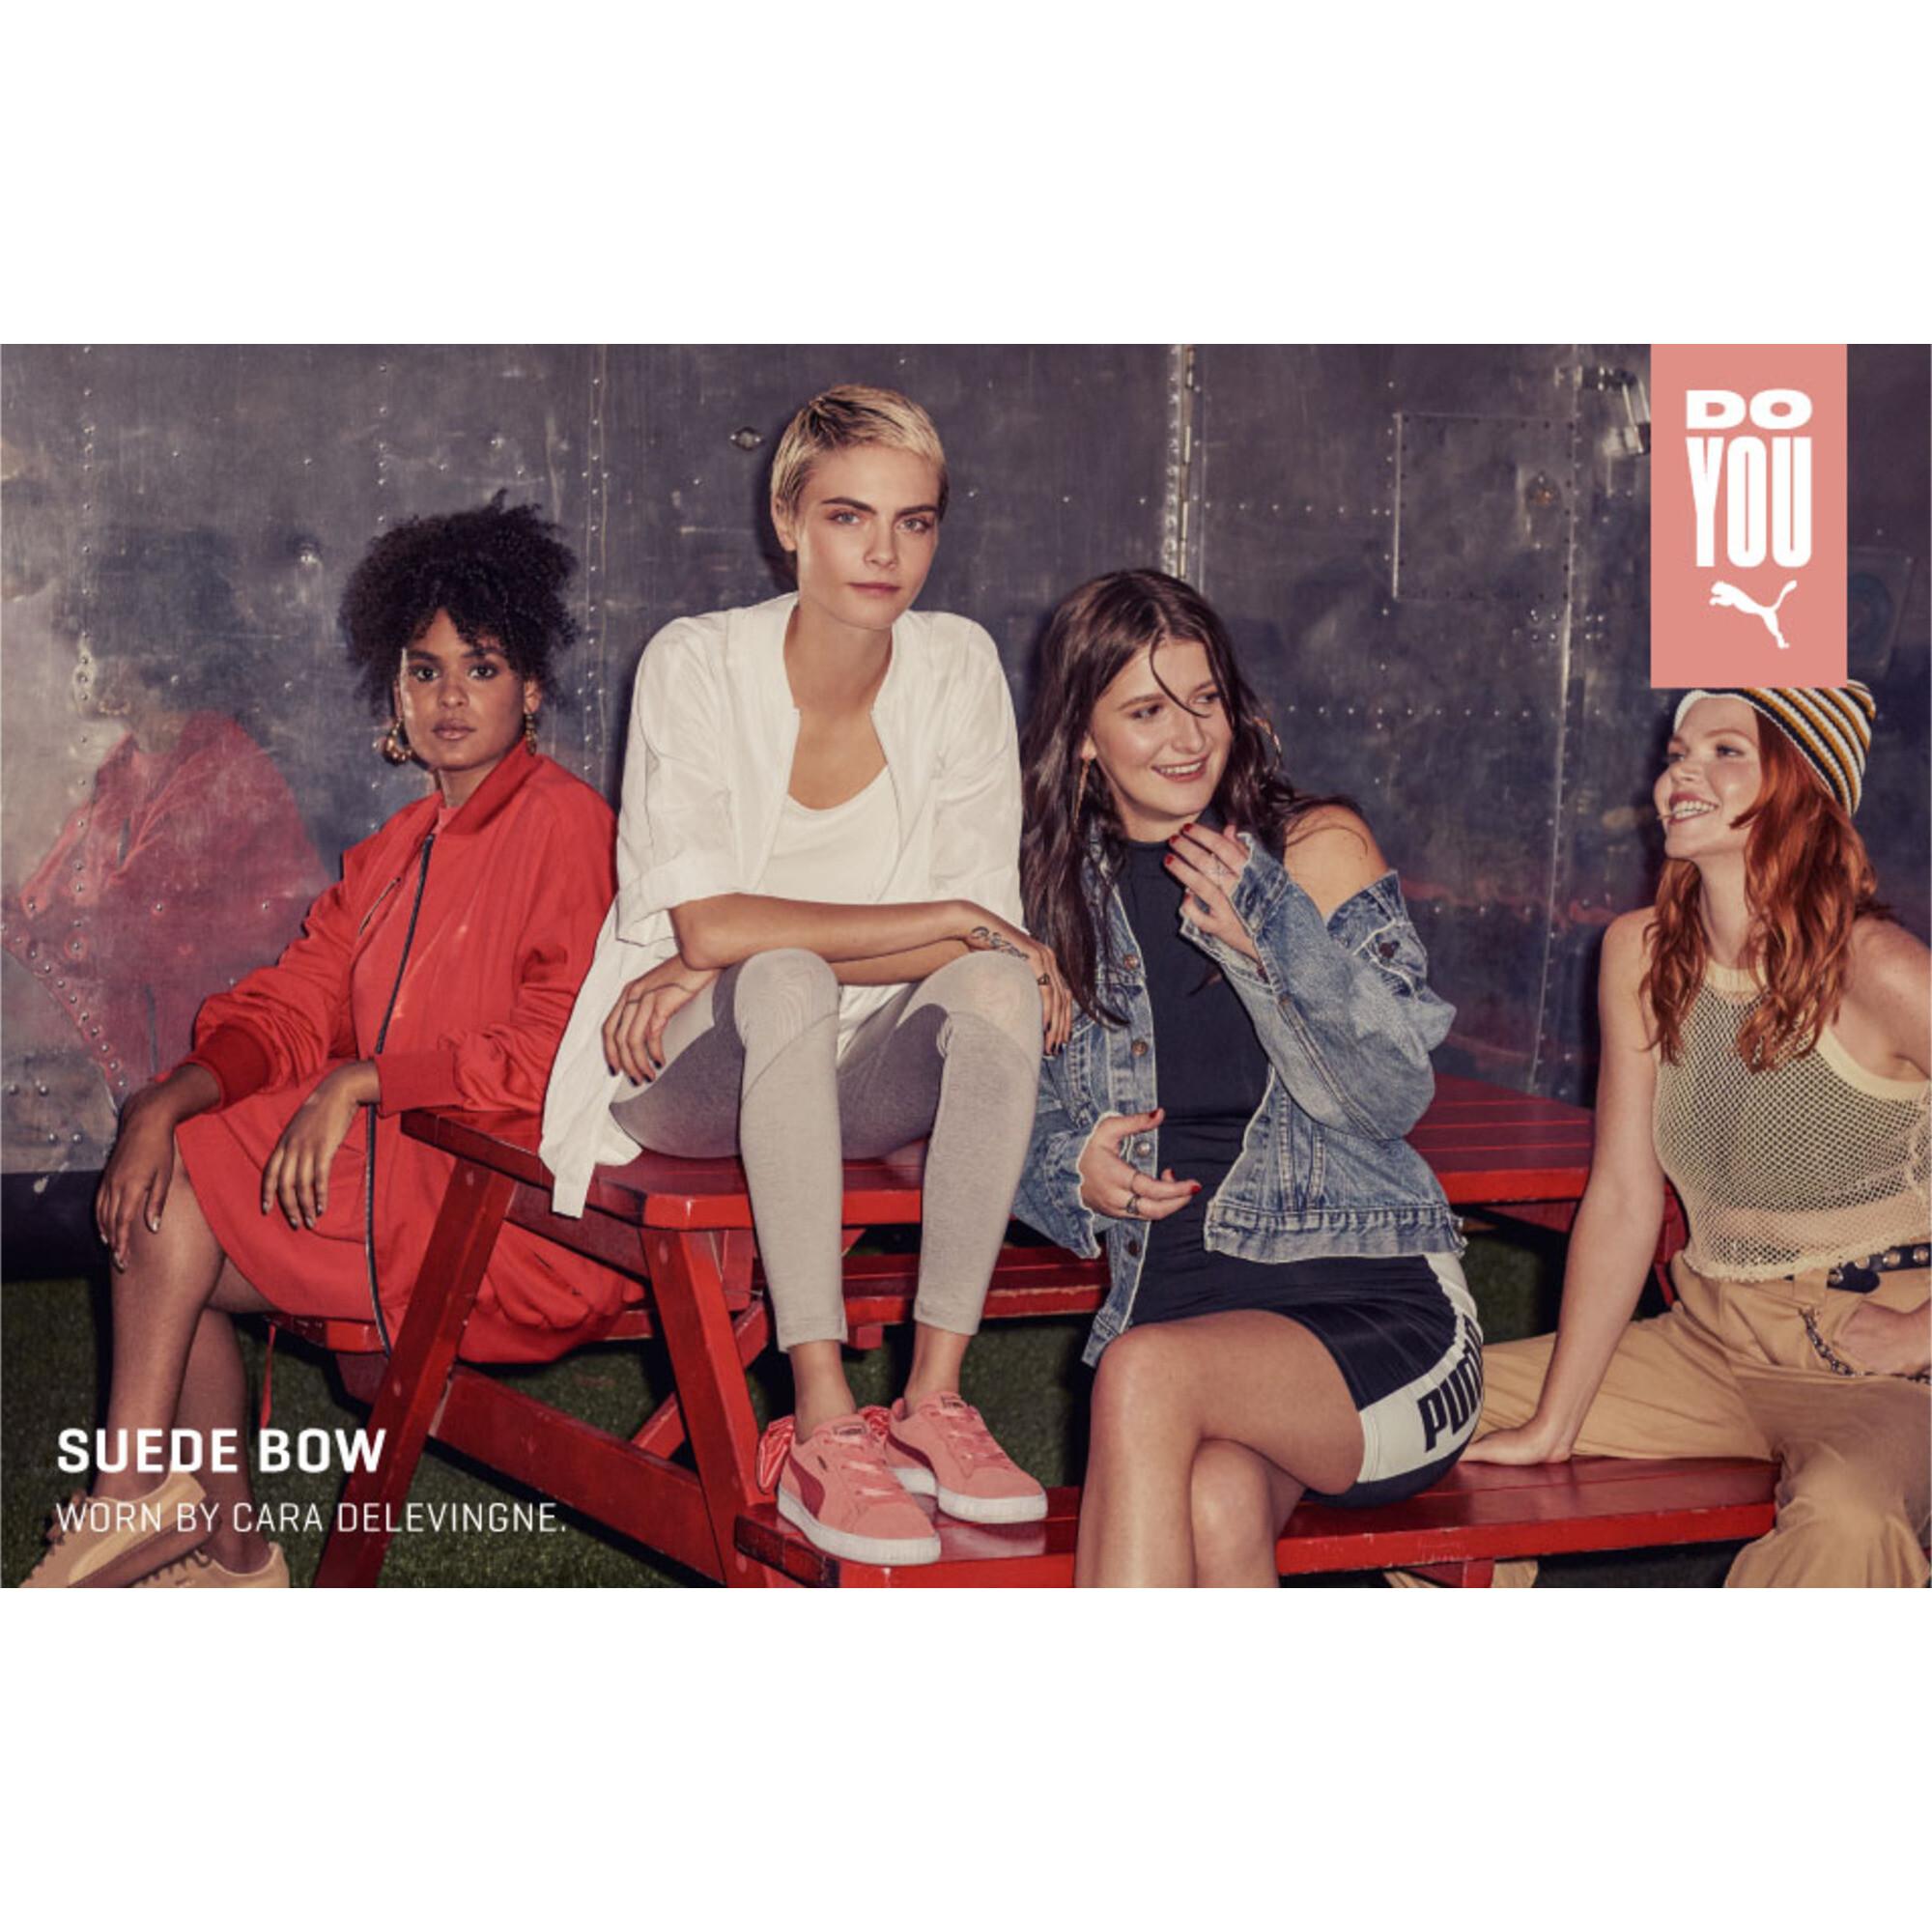 Indexbild 5 - PUMA Suede Bow Damen Frauen Schuhe Sport Classics Neu